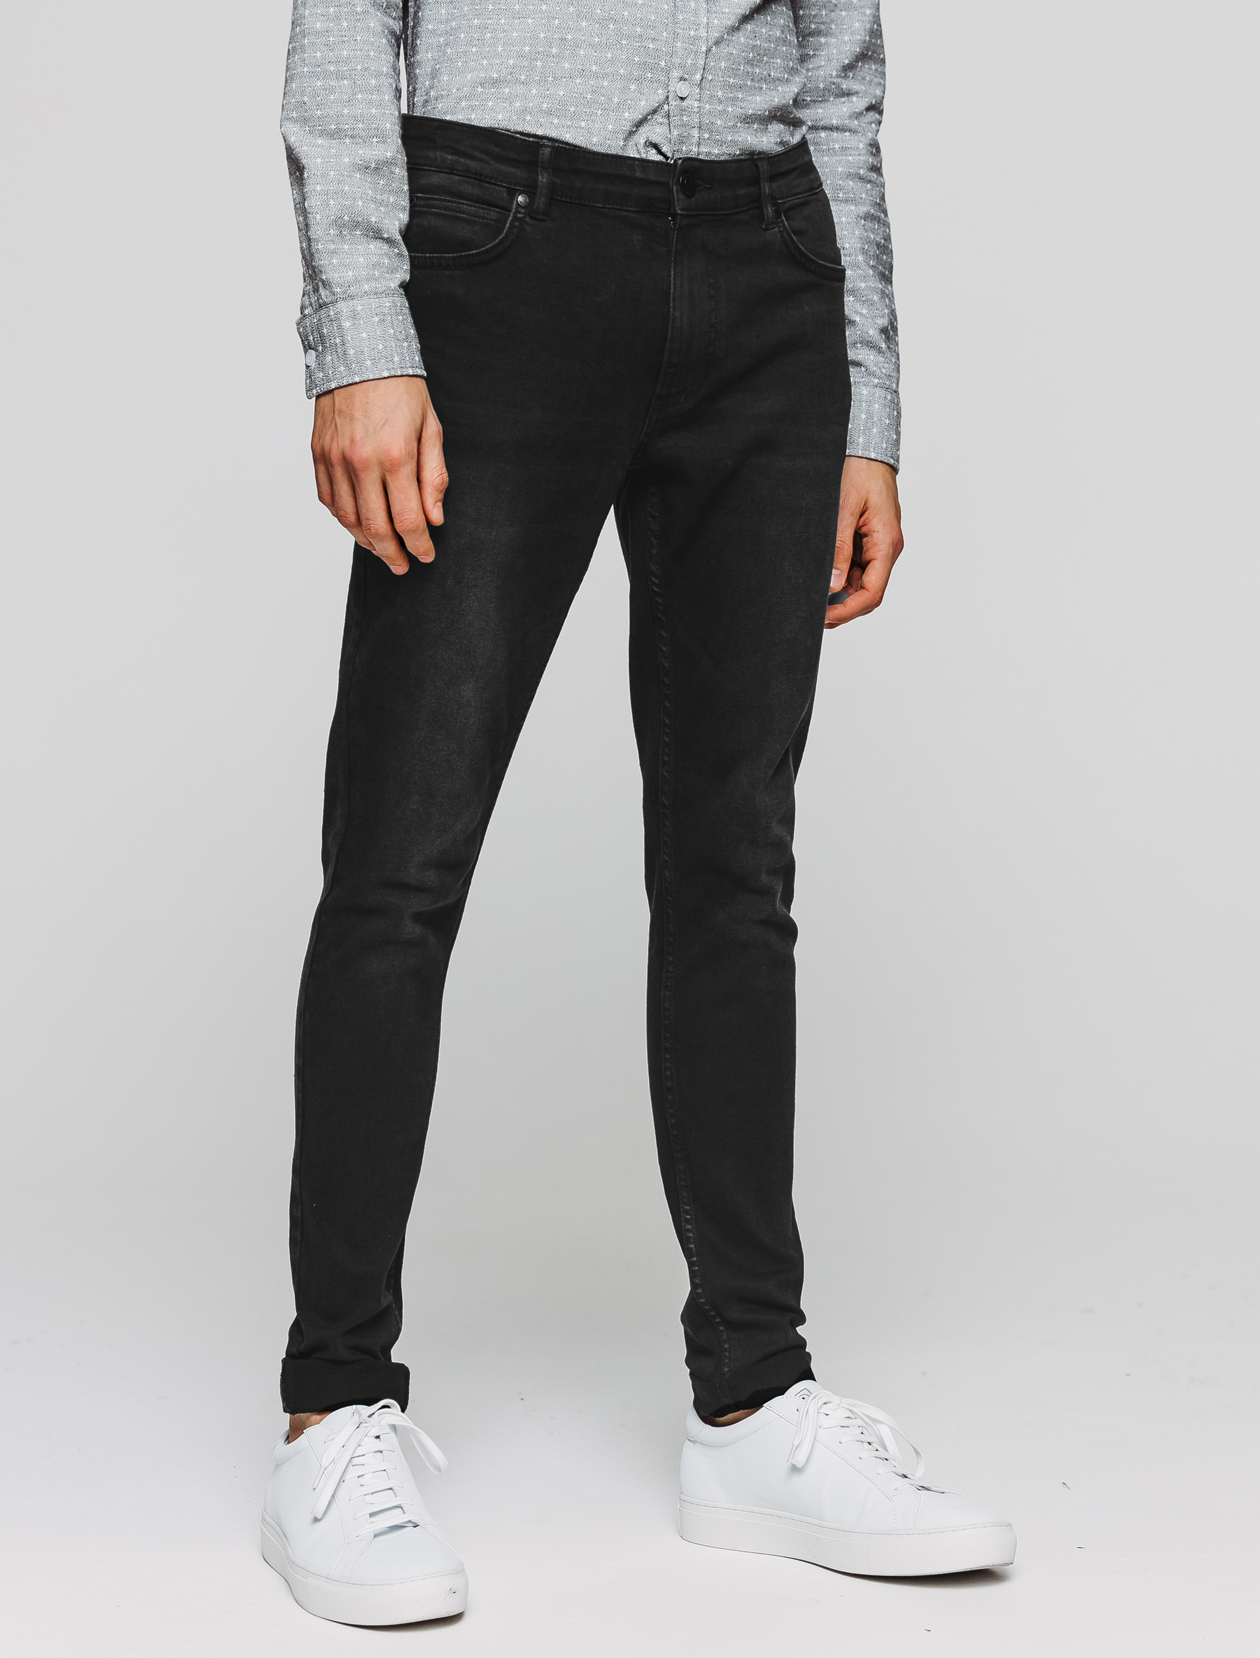 Jean ultra skinny noir homme